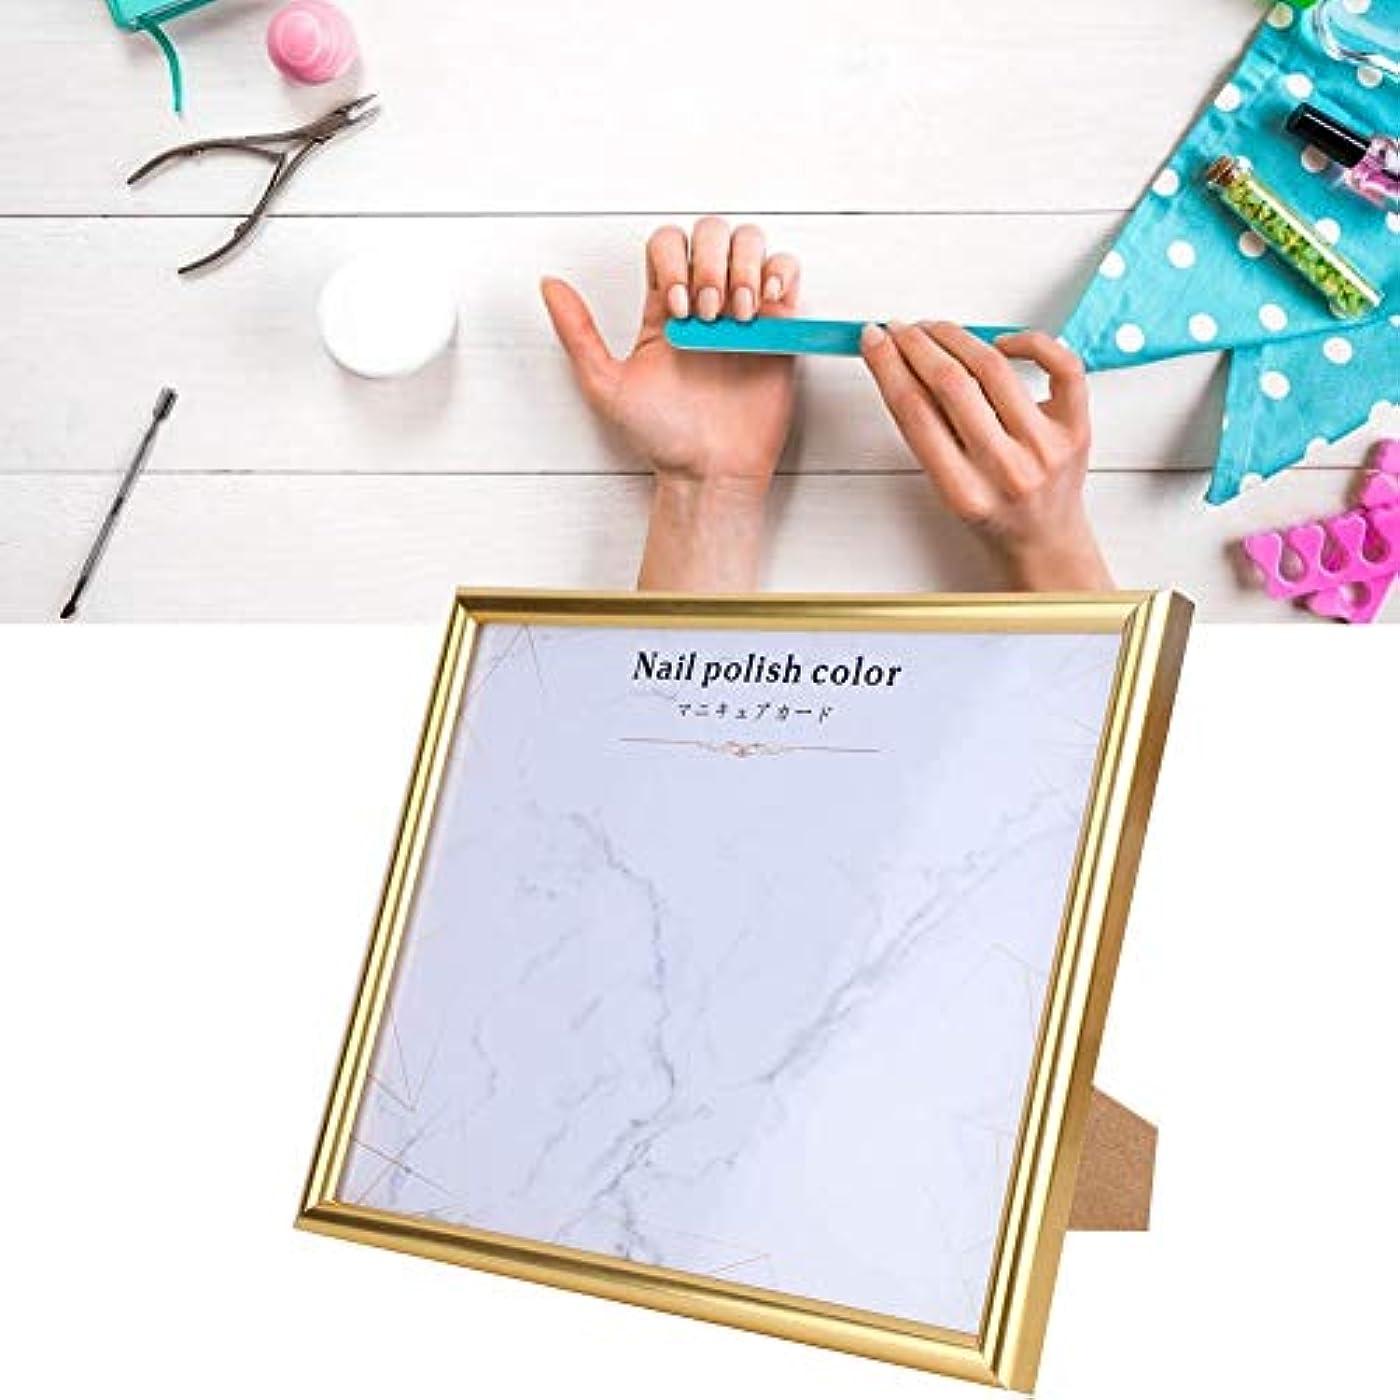 お誕生日欠かせない前置詞ネイルアートホルダー マニキュア ディスプレイボード 偽爪 カラーカード ネイルチップディスプレイスタンド(L)